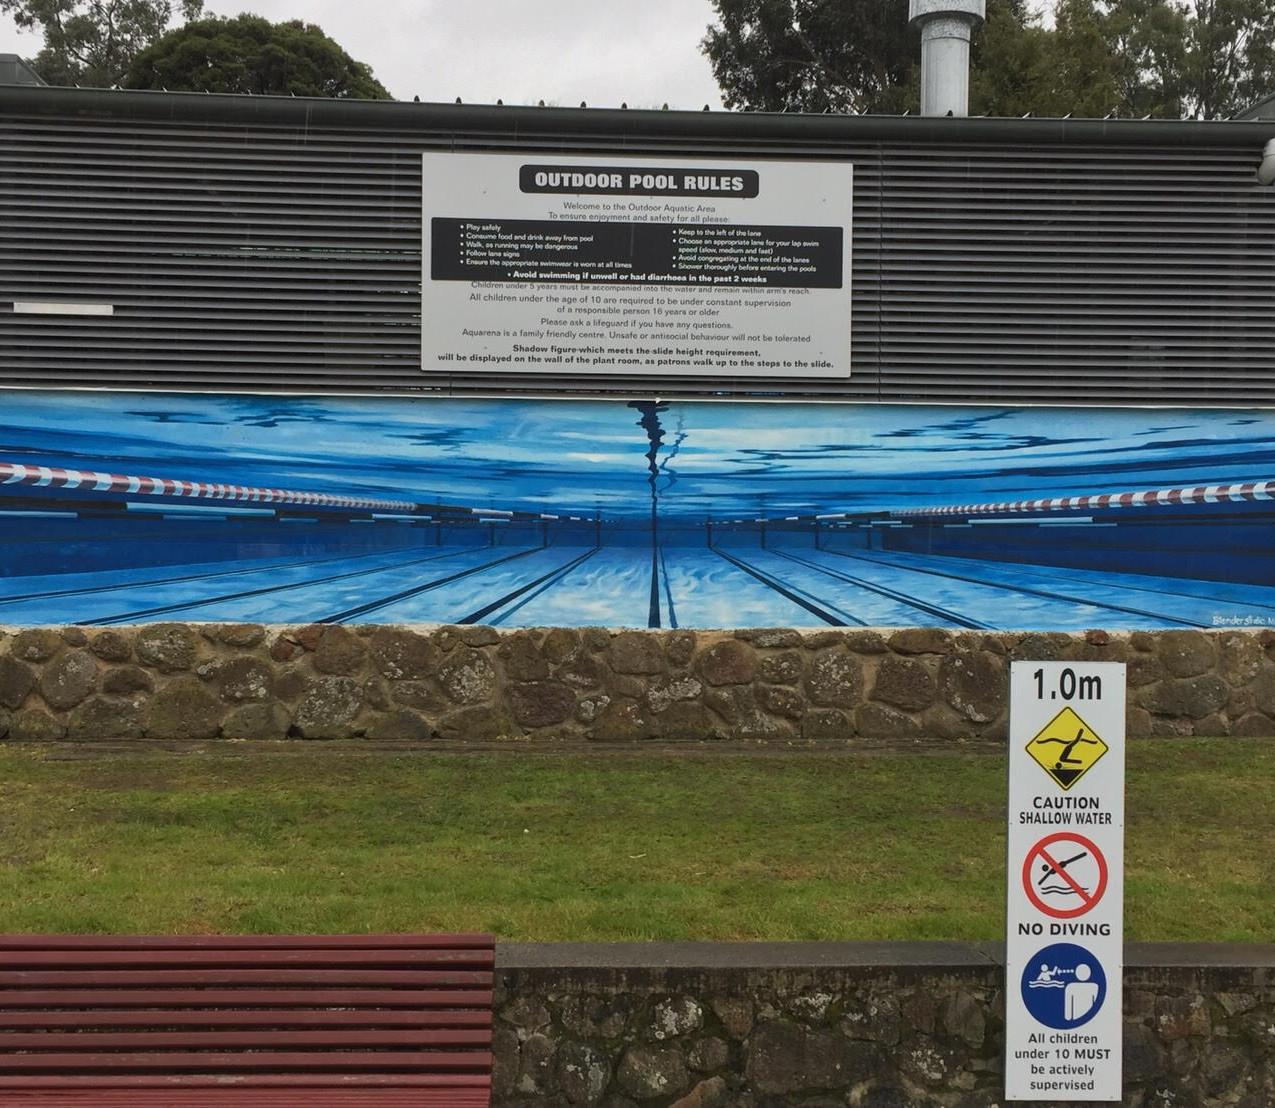 Aquacentre Mural